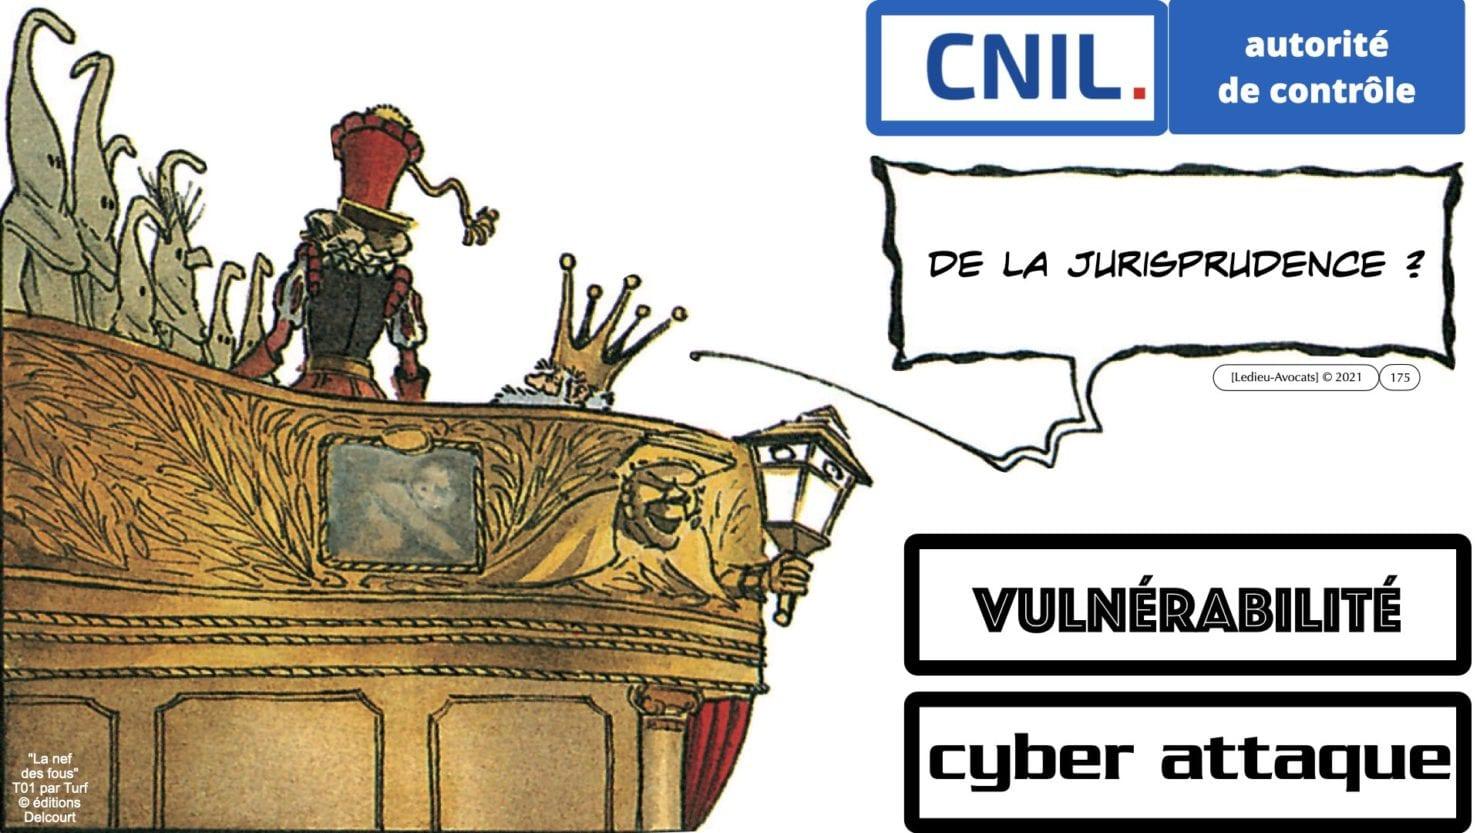 333 CYBER ATTAQUE responsabilité pénale civile contrat © Ledieu-Avocats 23-05-2021.175